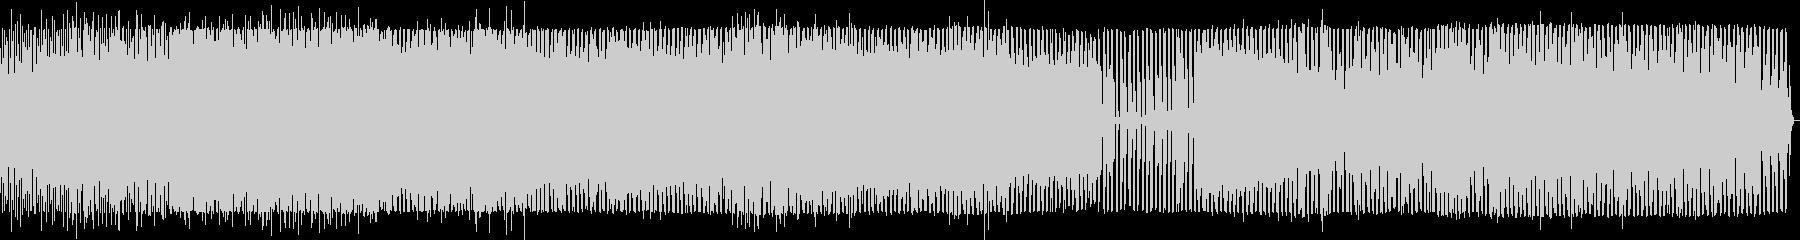 doronosの未再生の波形